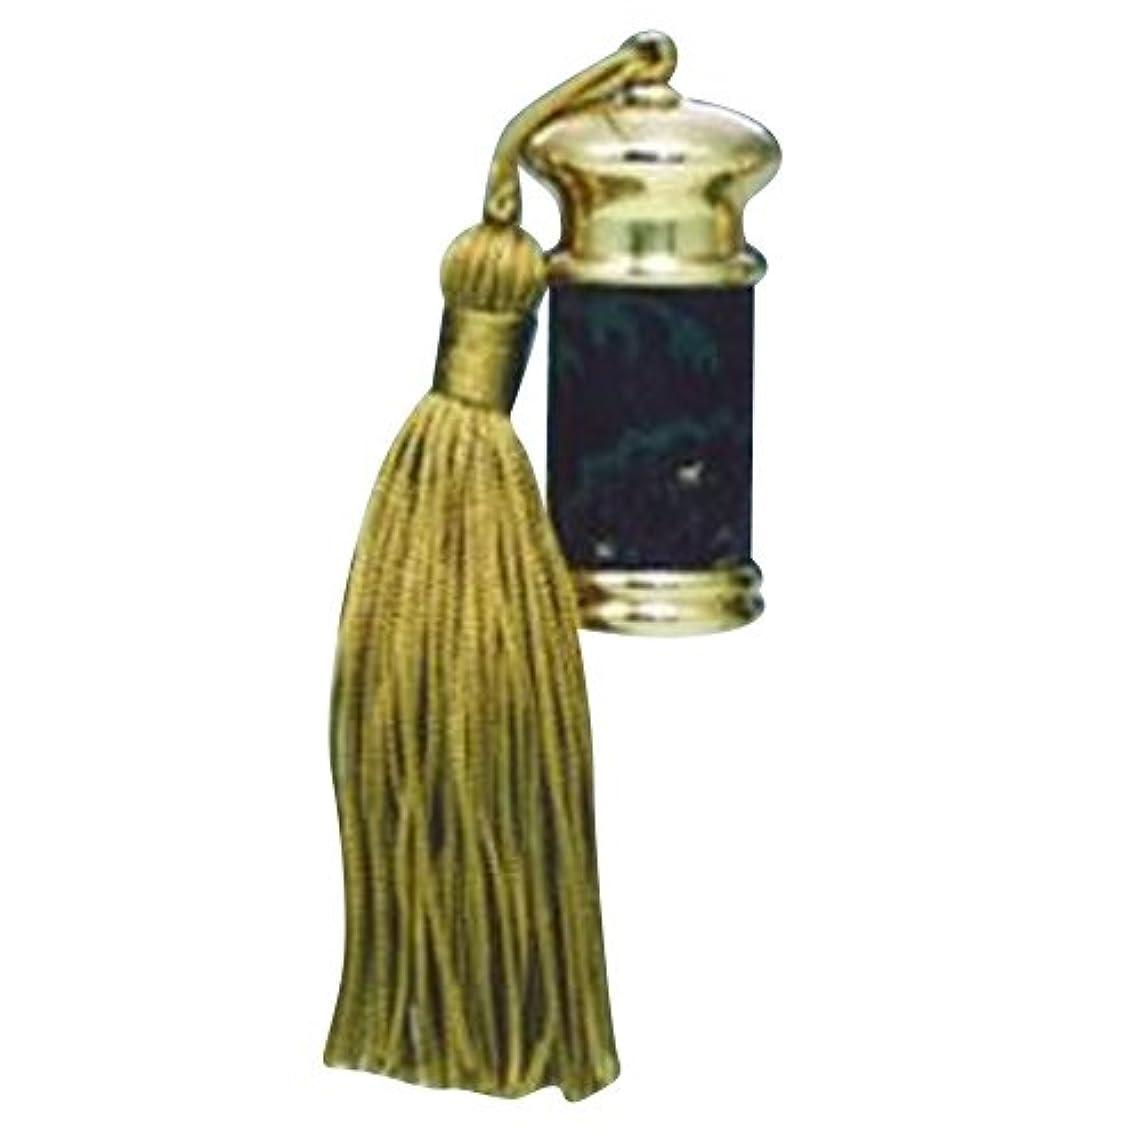 満足させる取り組むあなたはヒロセアトマイザー エスニック レザー ボトル (真鍮 革巻き) 23012 BK (ブラック)